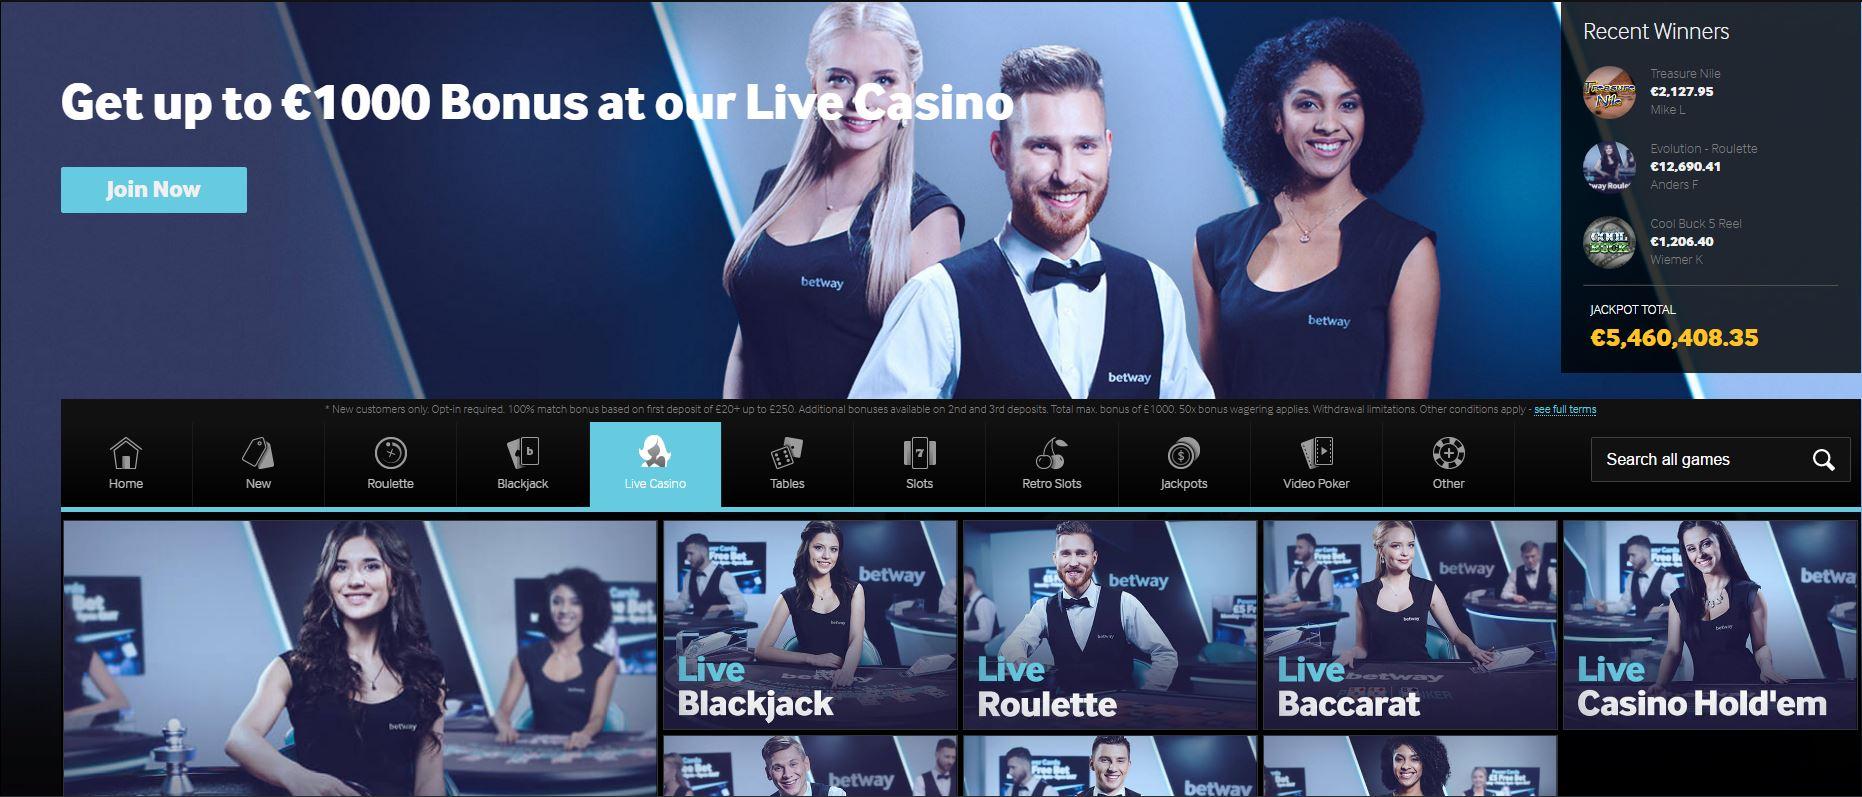 Betway Live Casino website